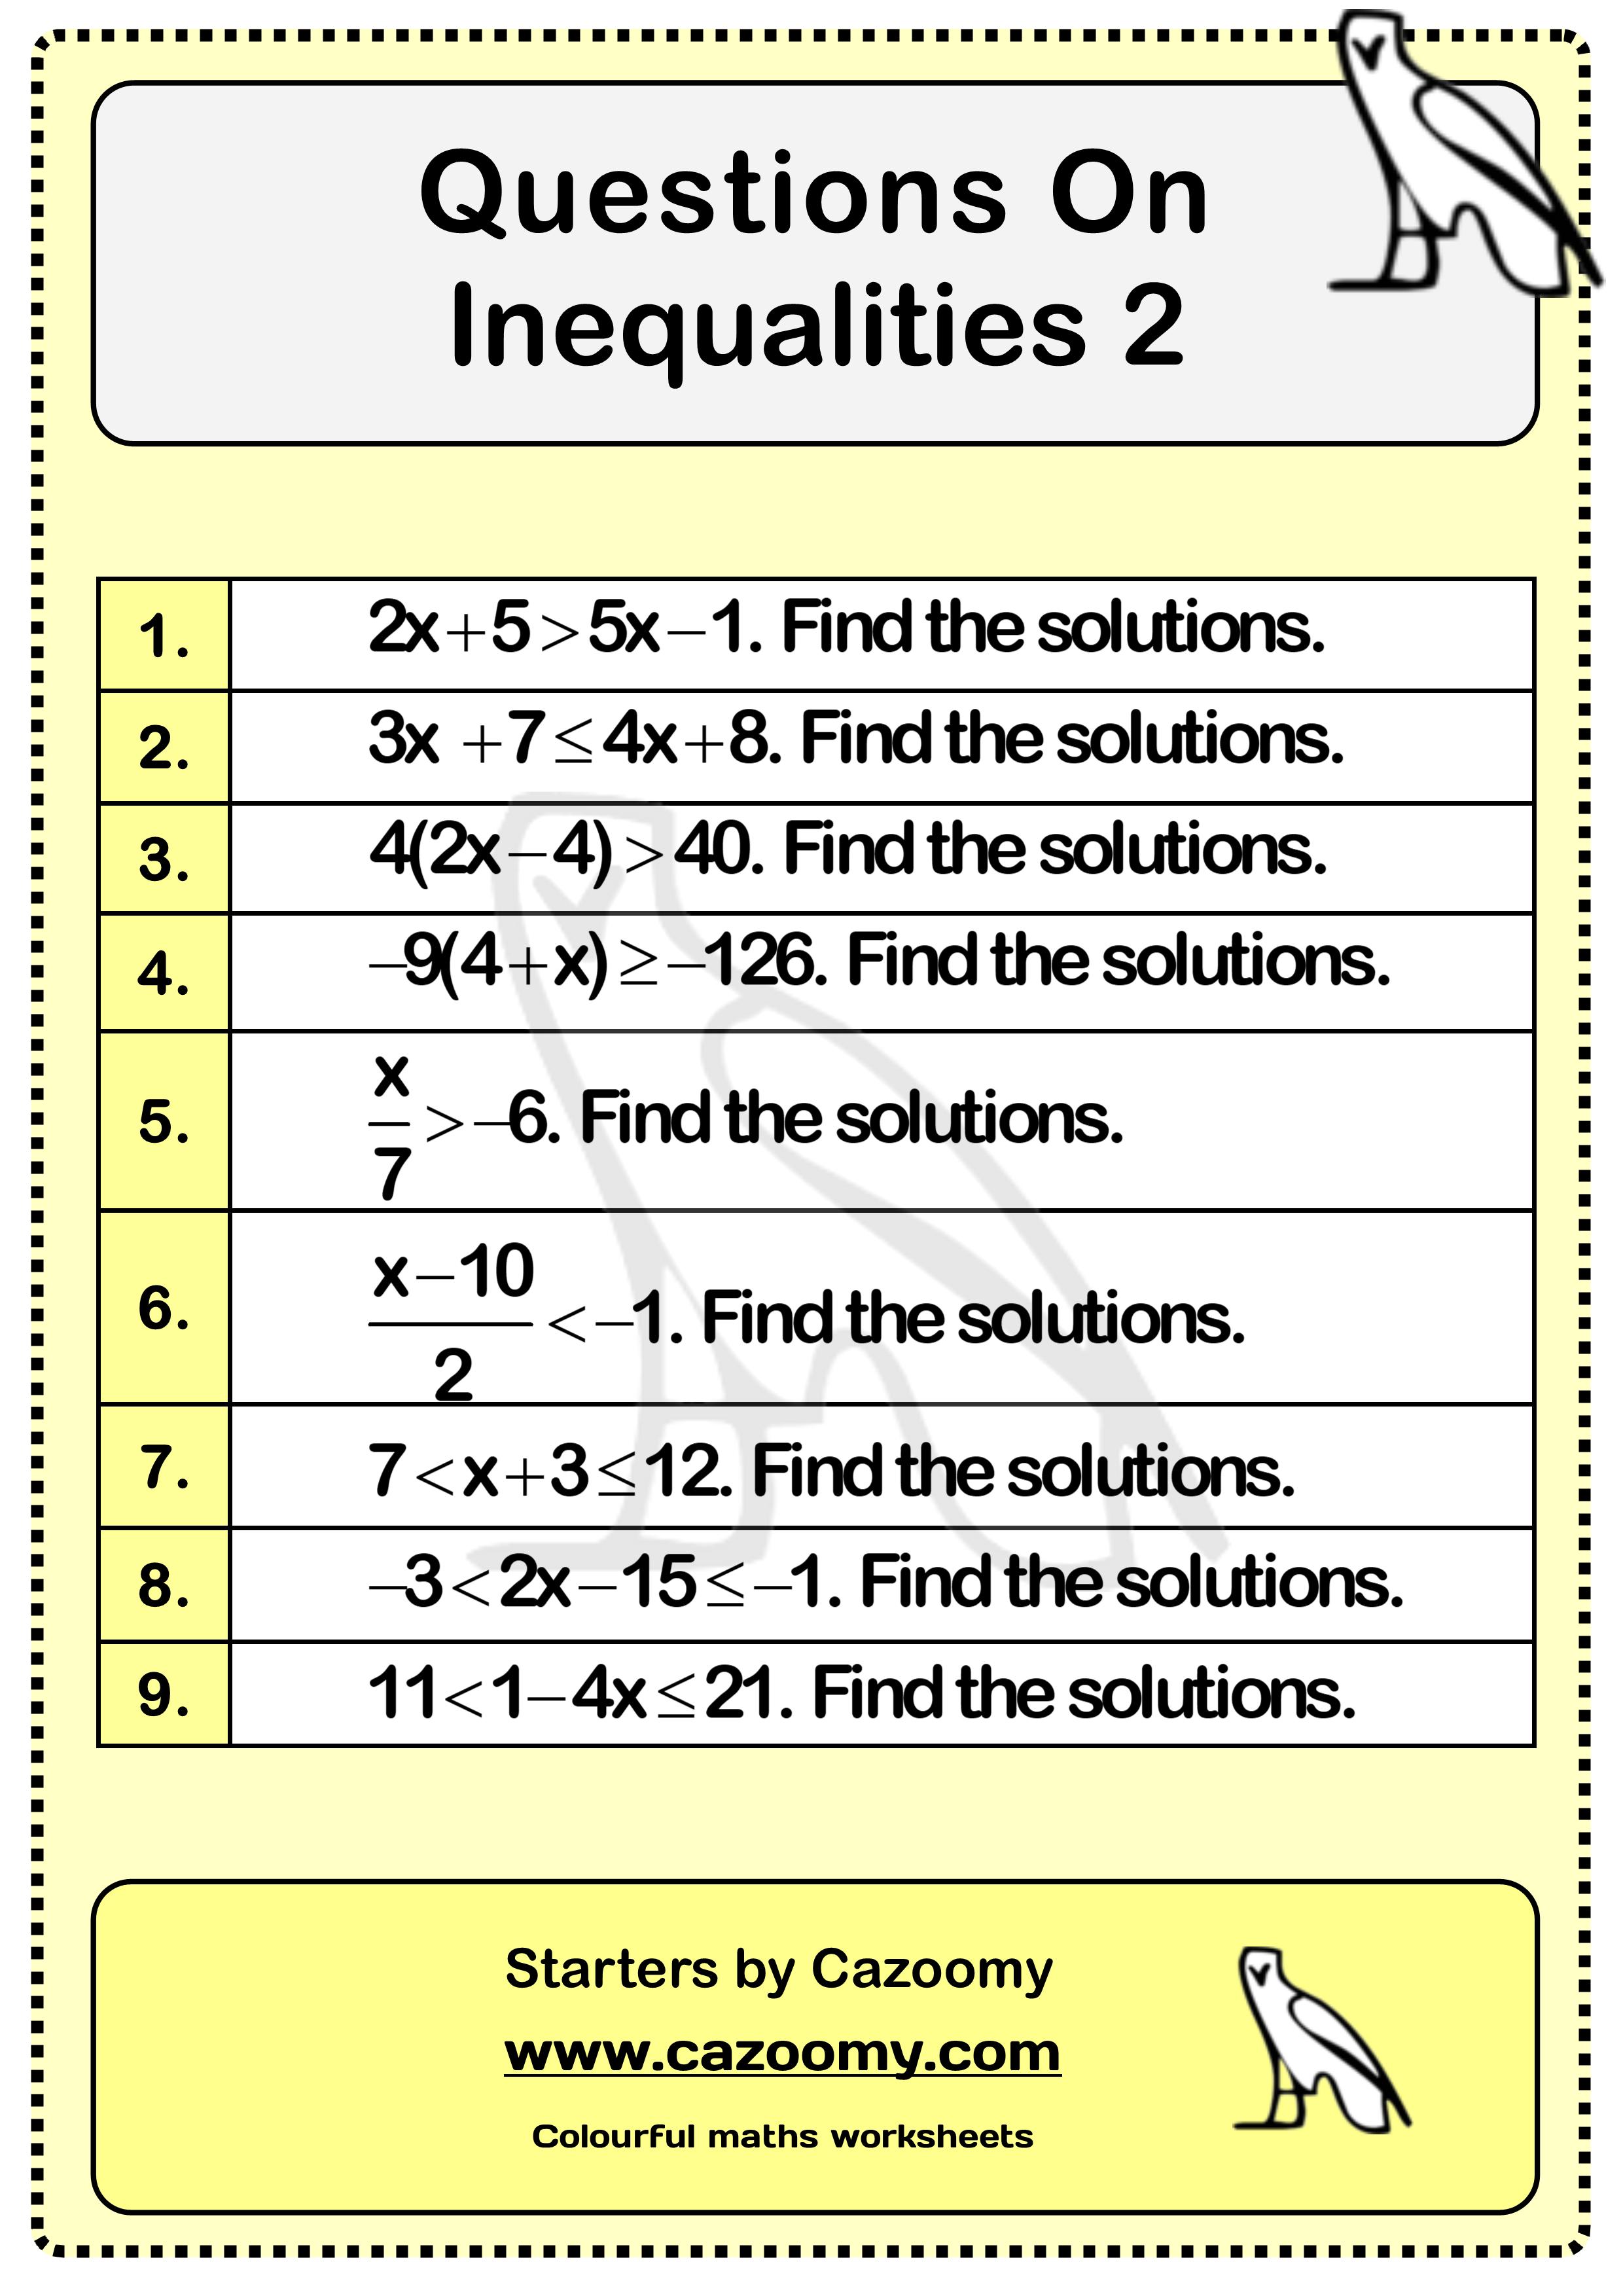 Inequalities Worksheet 2